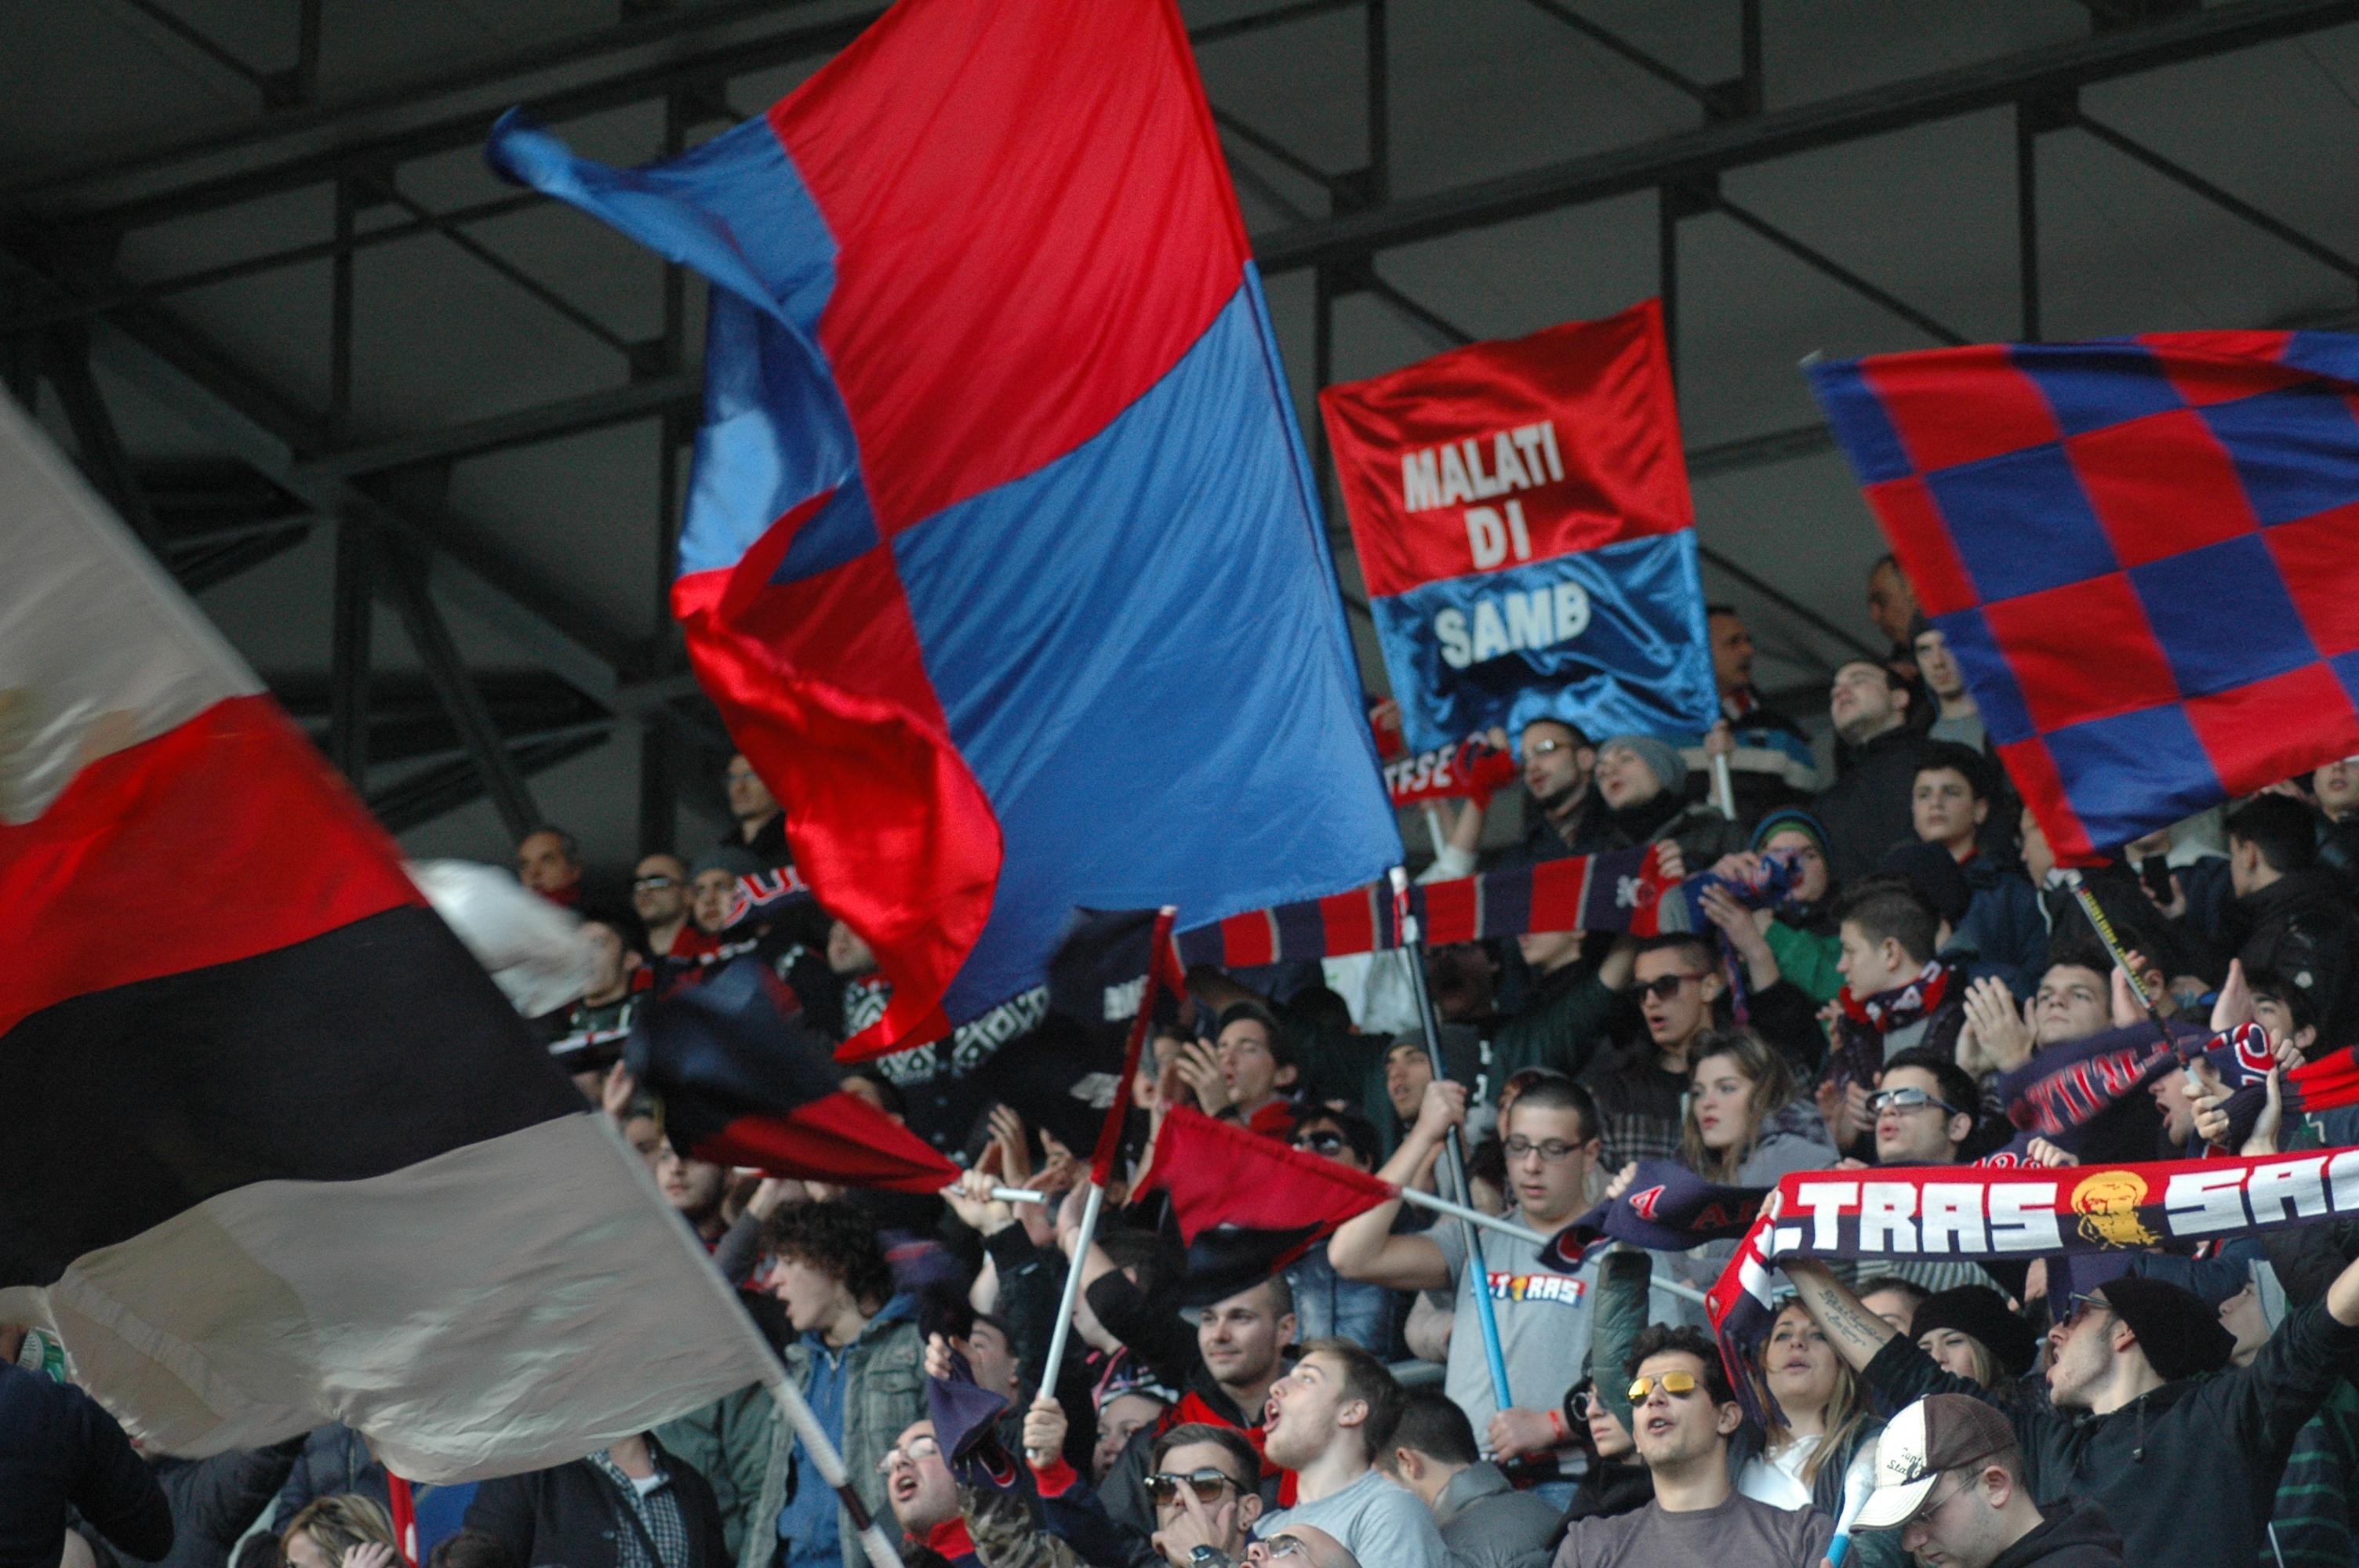 Samb-San Nicolò, tifosi della Curva Nord (giammusso)